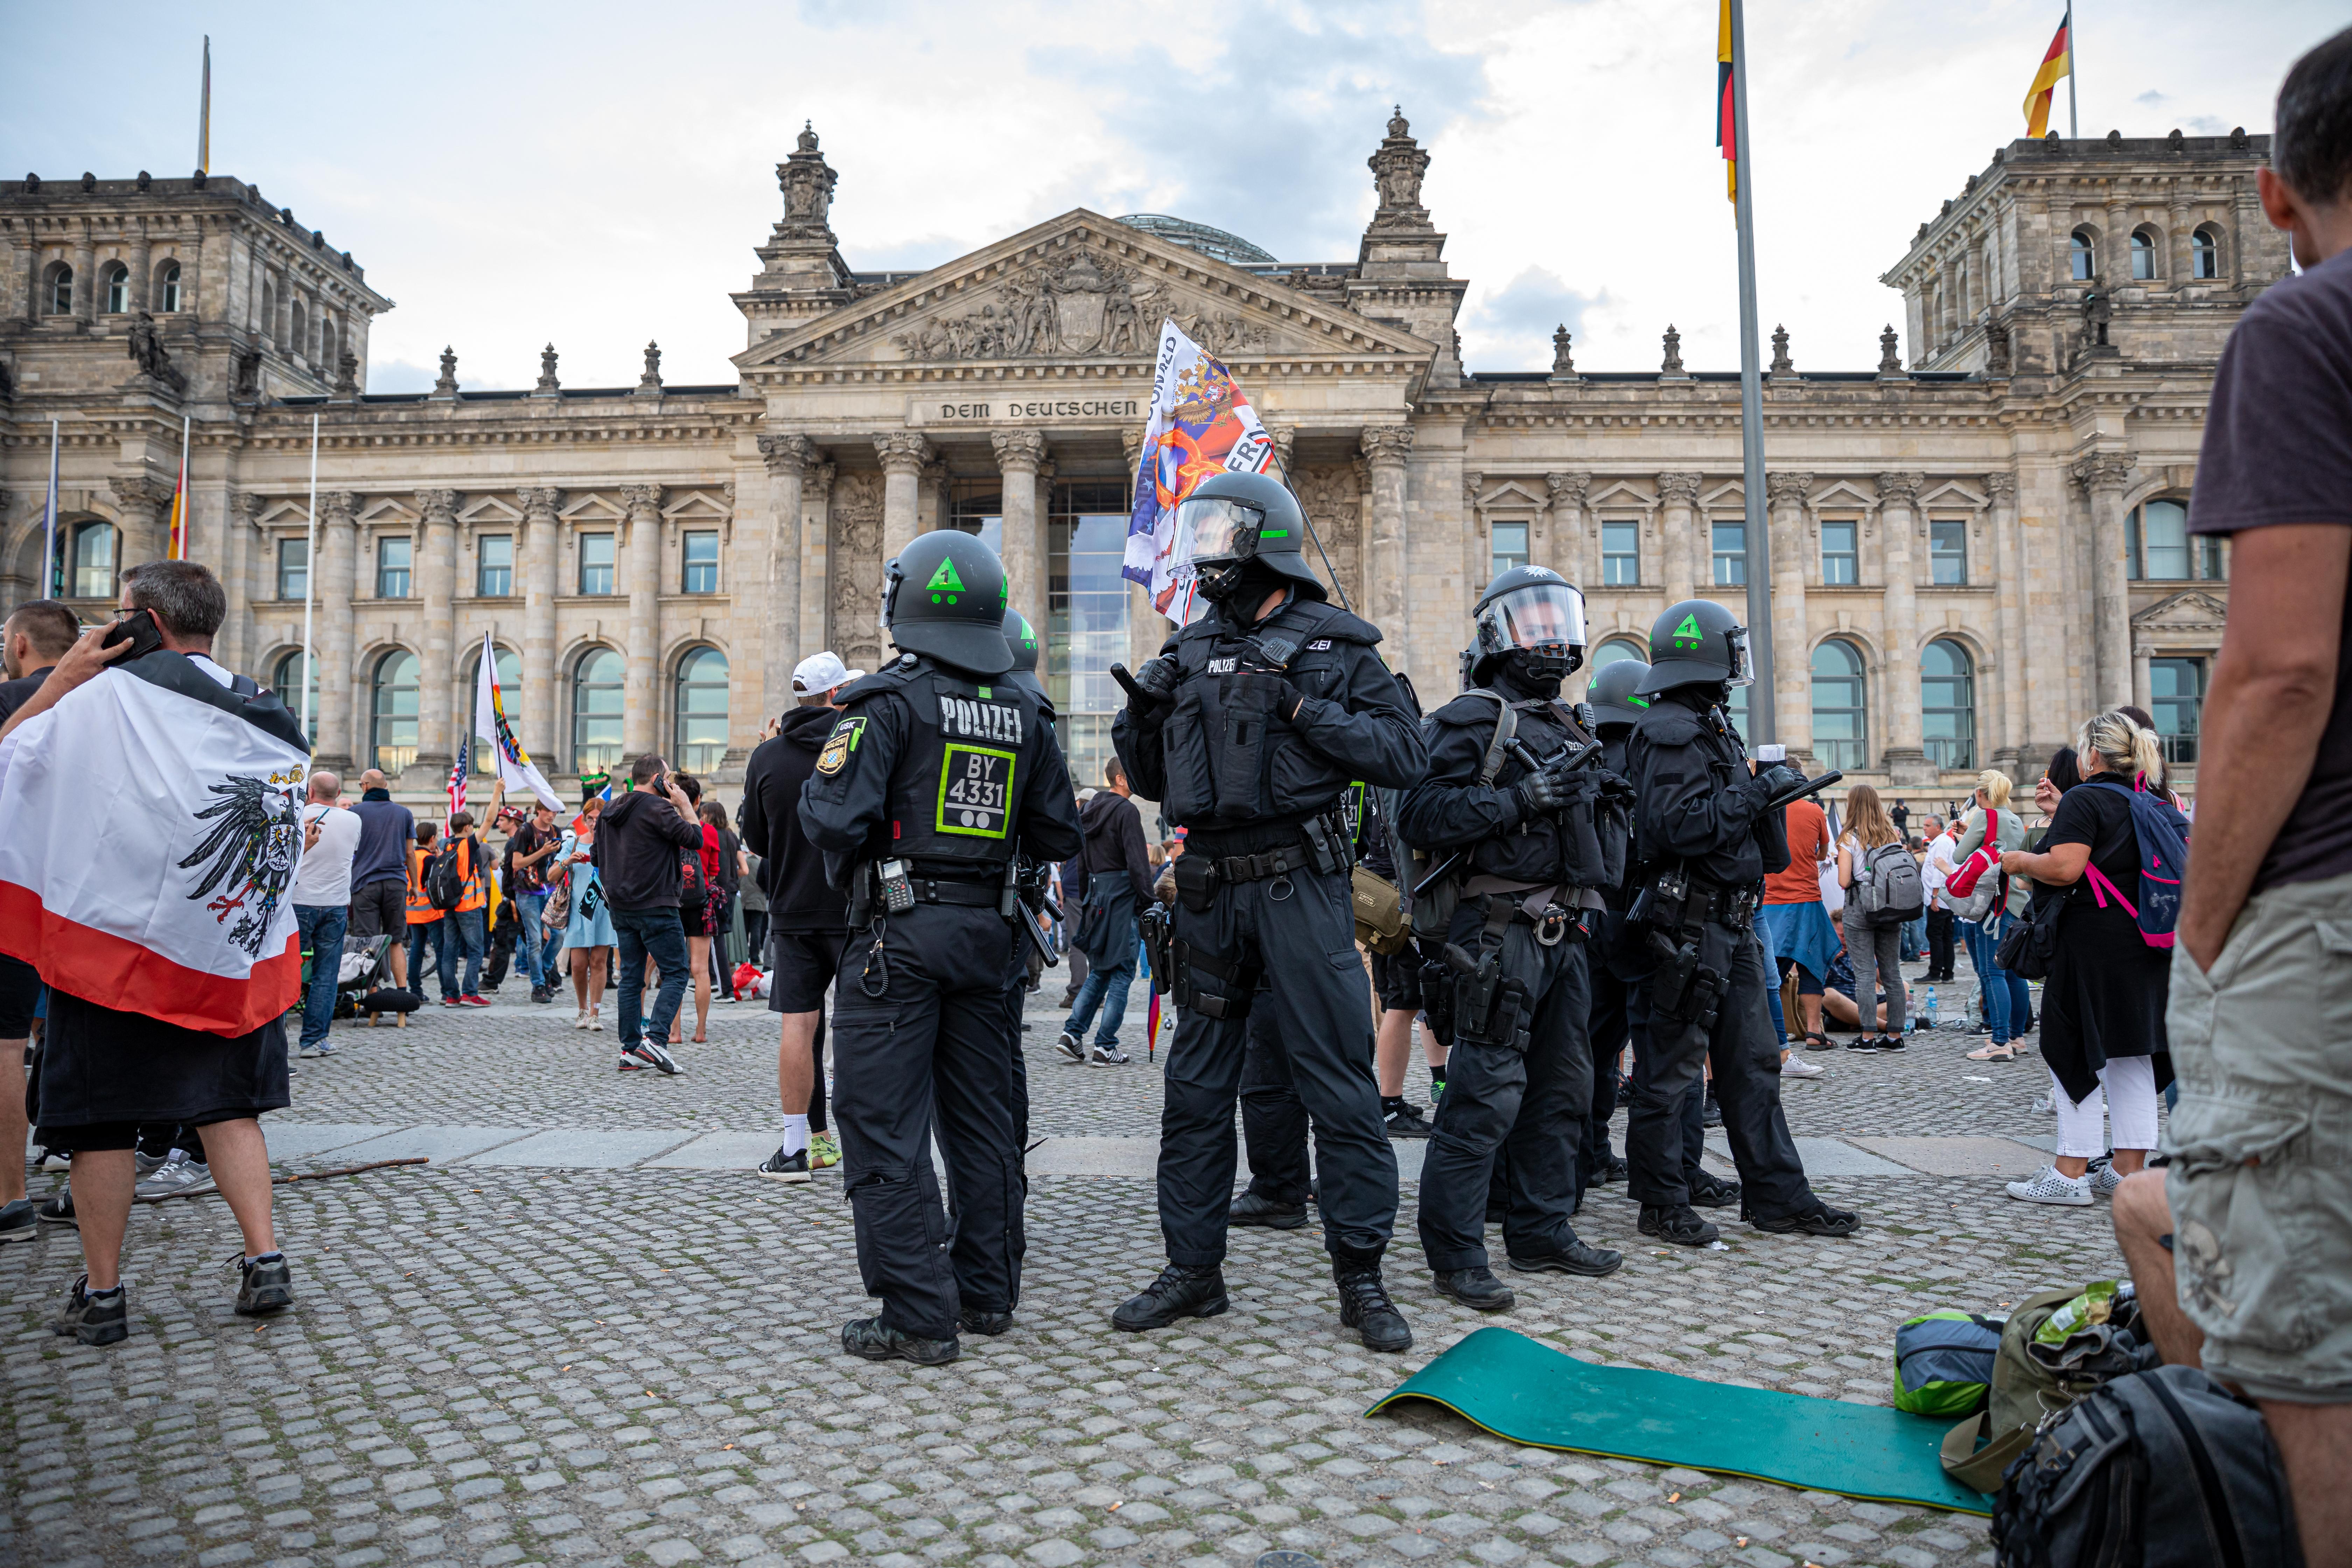 Felfüggesztettek 29 német rendőrt, mert neonáci propagandát terjesztettek chatcsoportokban